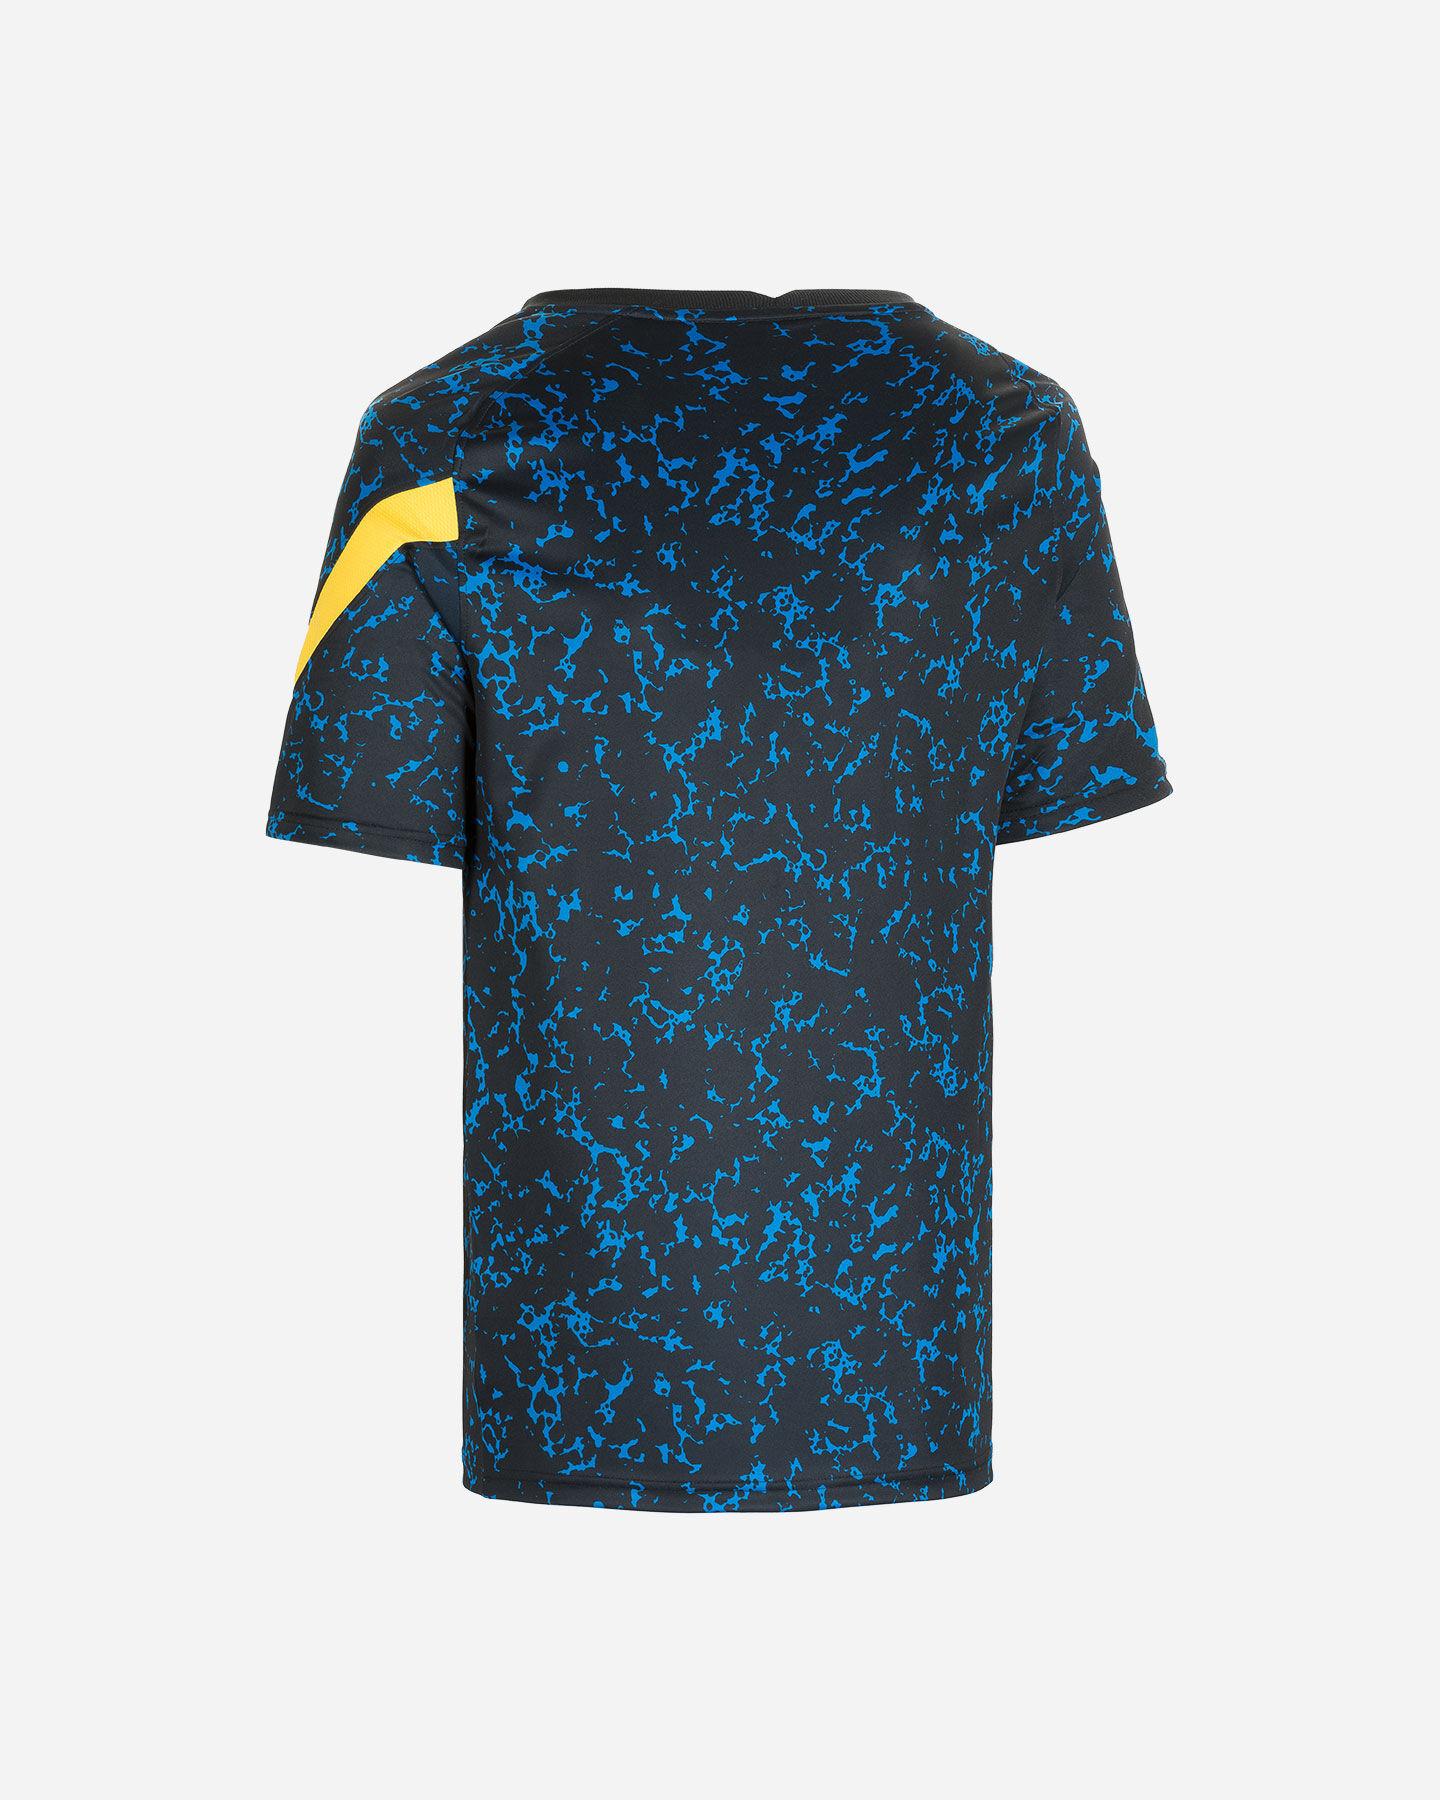 Abbigliamento calcio NIKE INTER PREMATCH 20-21 M S5195540 scatto 1